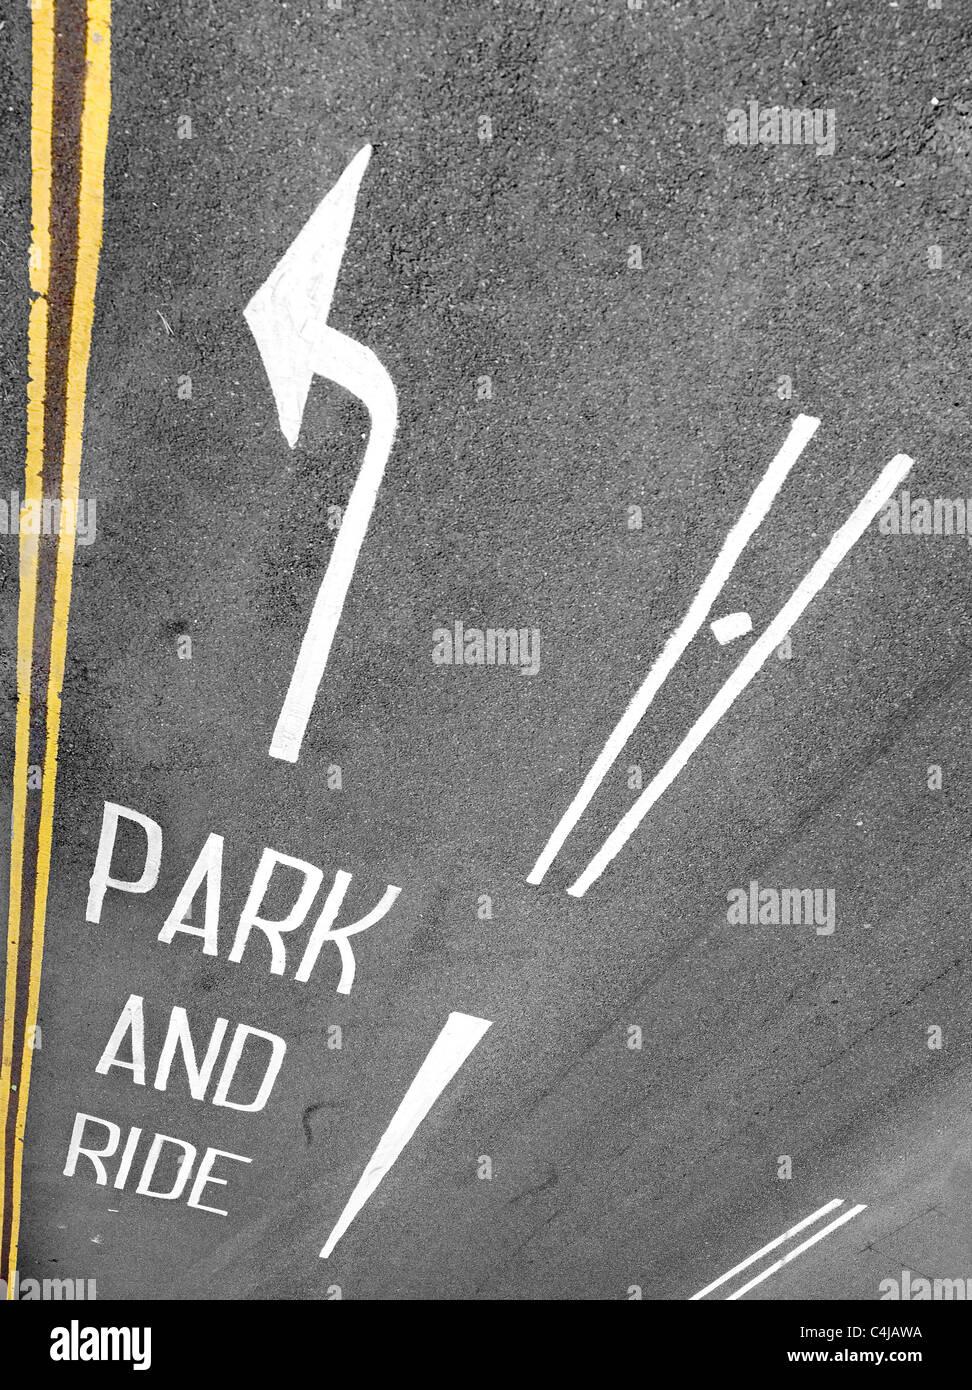 Park and Ride signalisation et d'une flèche à double lignes jaunes vus du dessus Photo Stock